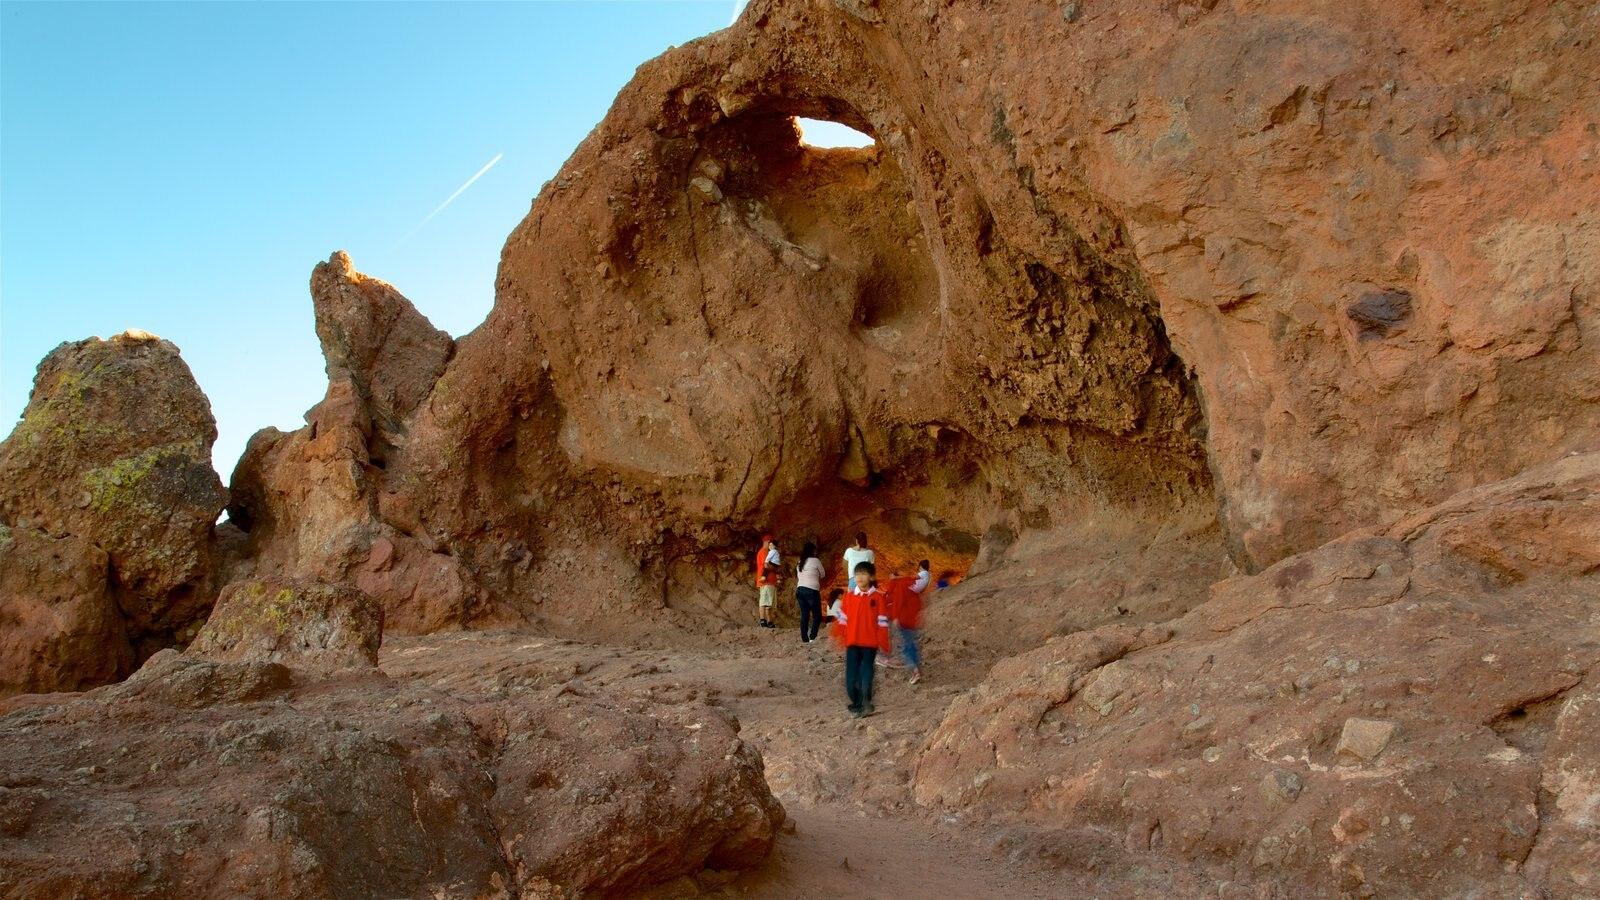 Hole in the Rock que inclui cenas tranquilas e um desfiladeiro ou canyon assim como um pequeno grupo de pessoas